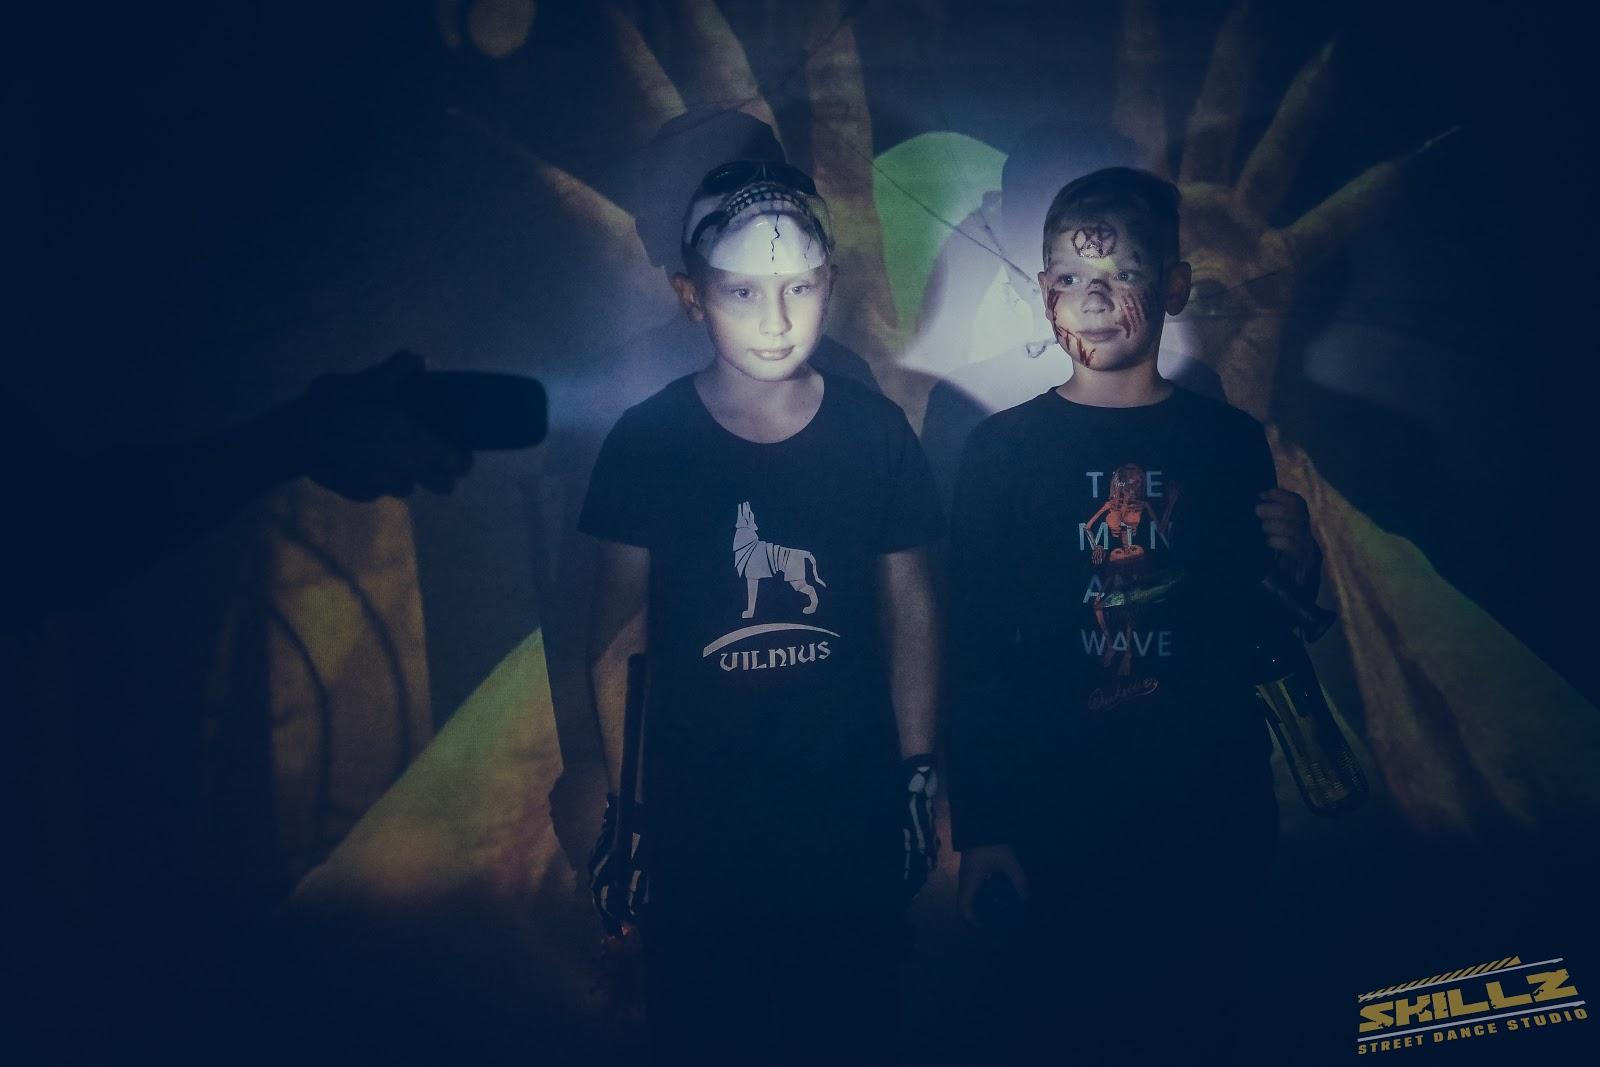 Naujikų krikštynos @SKILLZ (Halloween tema) - PANA1495.jpg